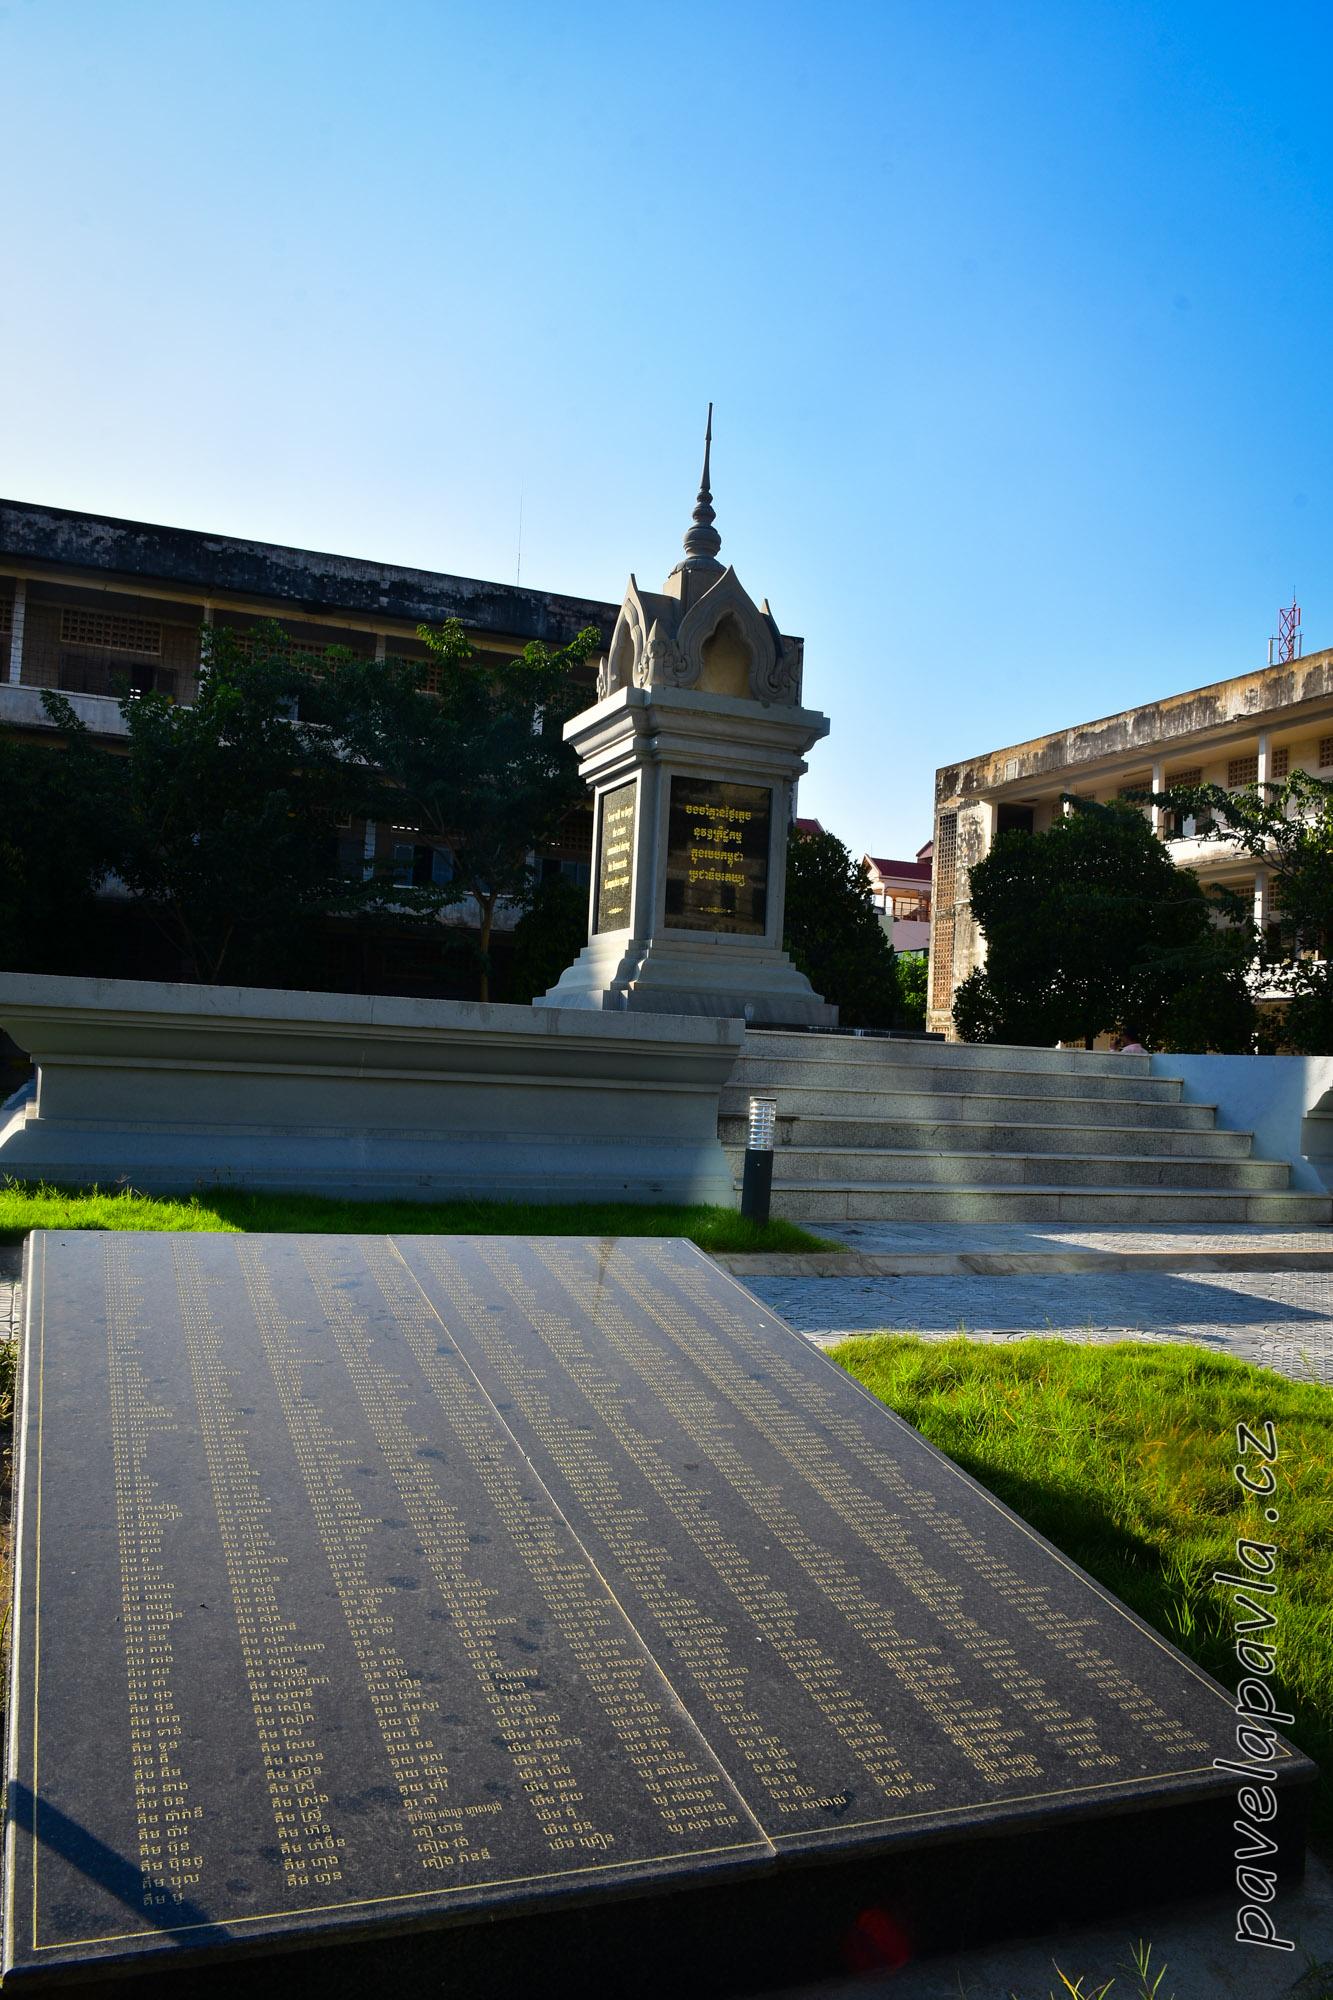 Pamětní deska s jmény popravených Muzeum S21 Tuol Sleng